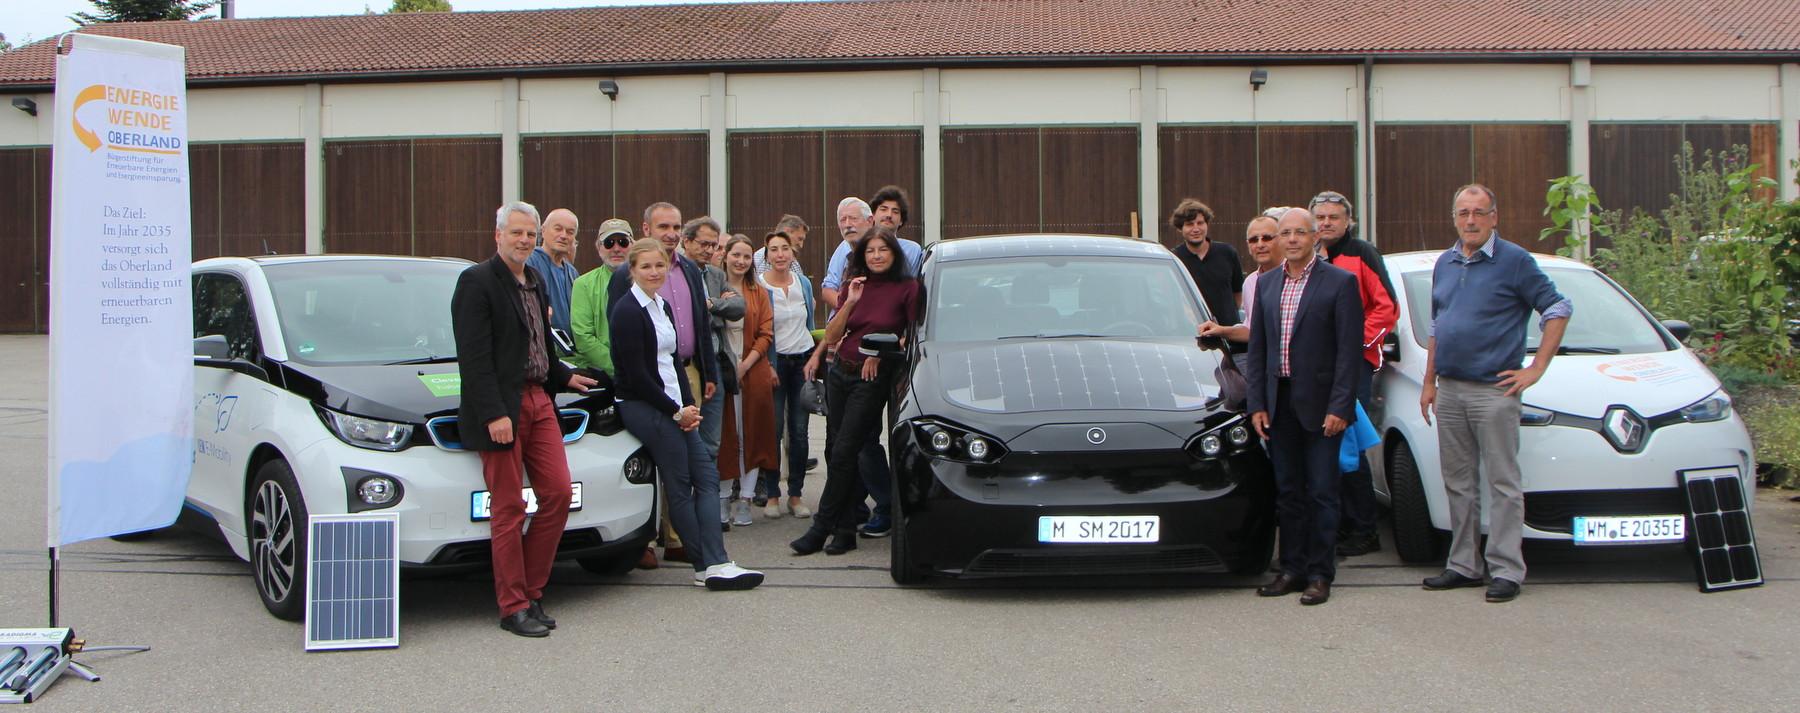 Woche der Sonne in Schongau! Strom und Mobilität wachsen immer mehr zusammen!